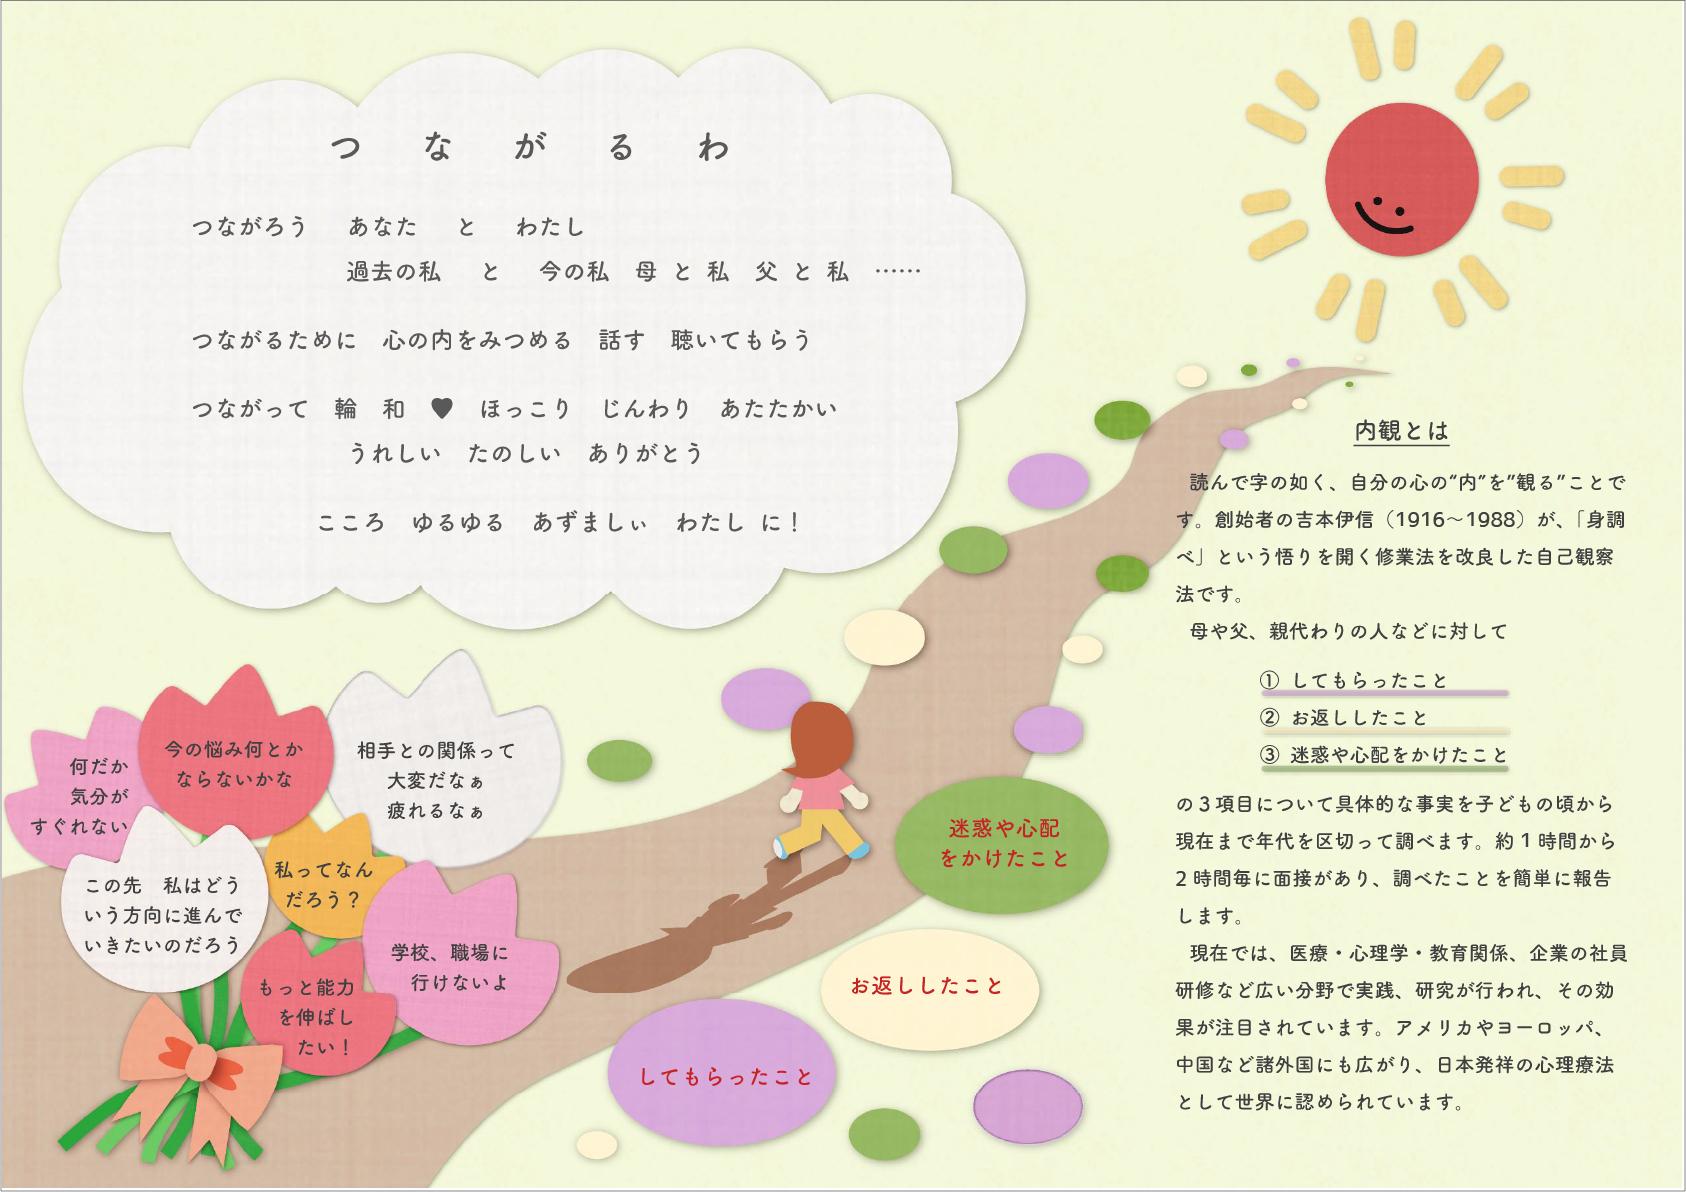 津軽内観研修所パンフレット